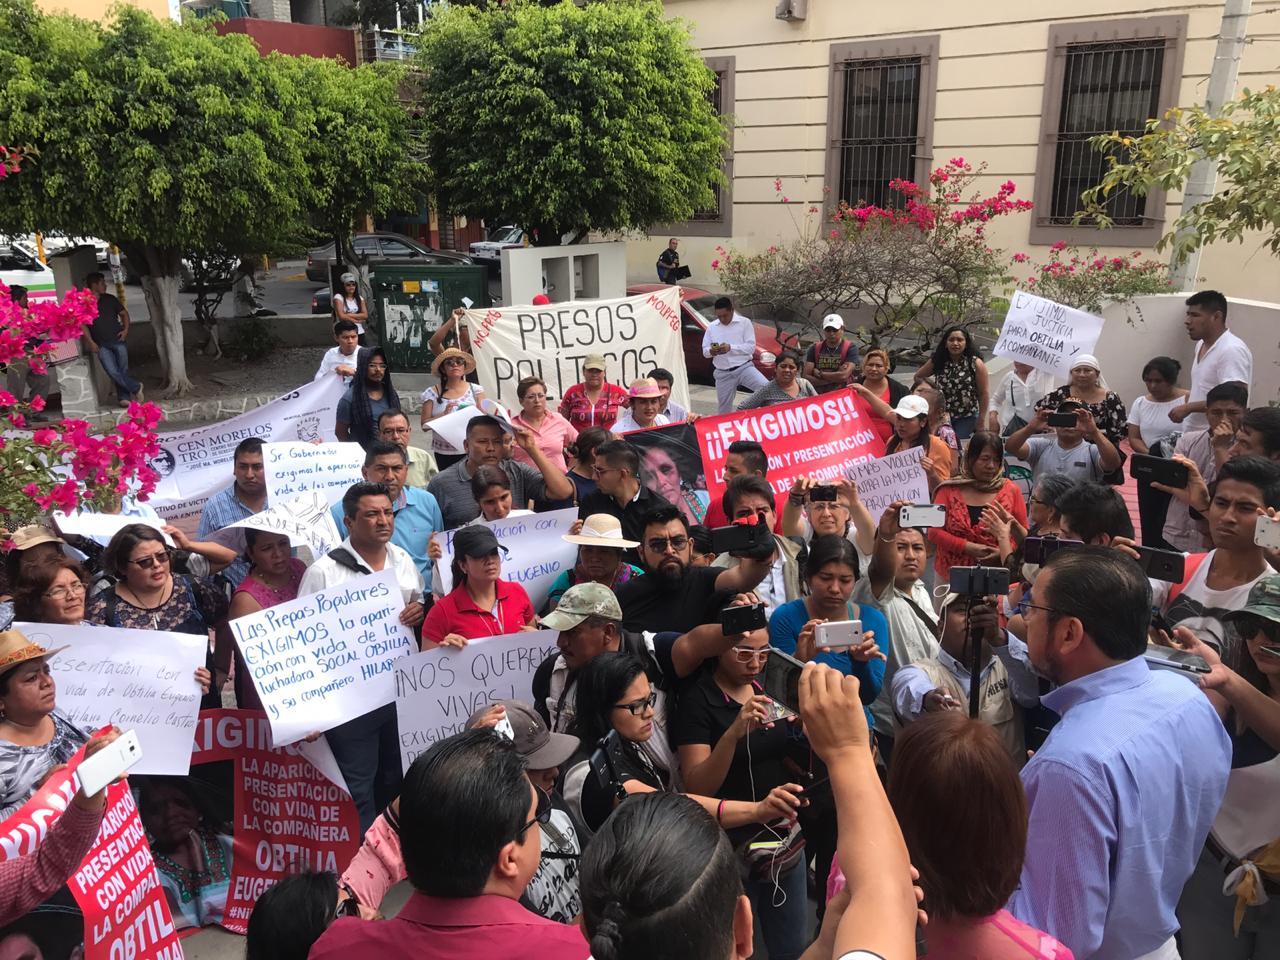 Marchan en Chilpancingo para exigir presentación con vida de la dirigente de la OPIM